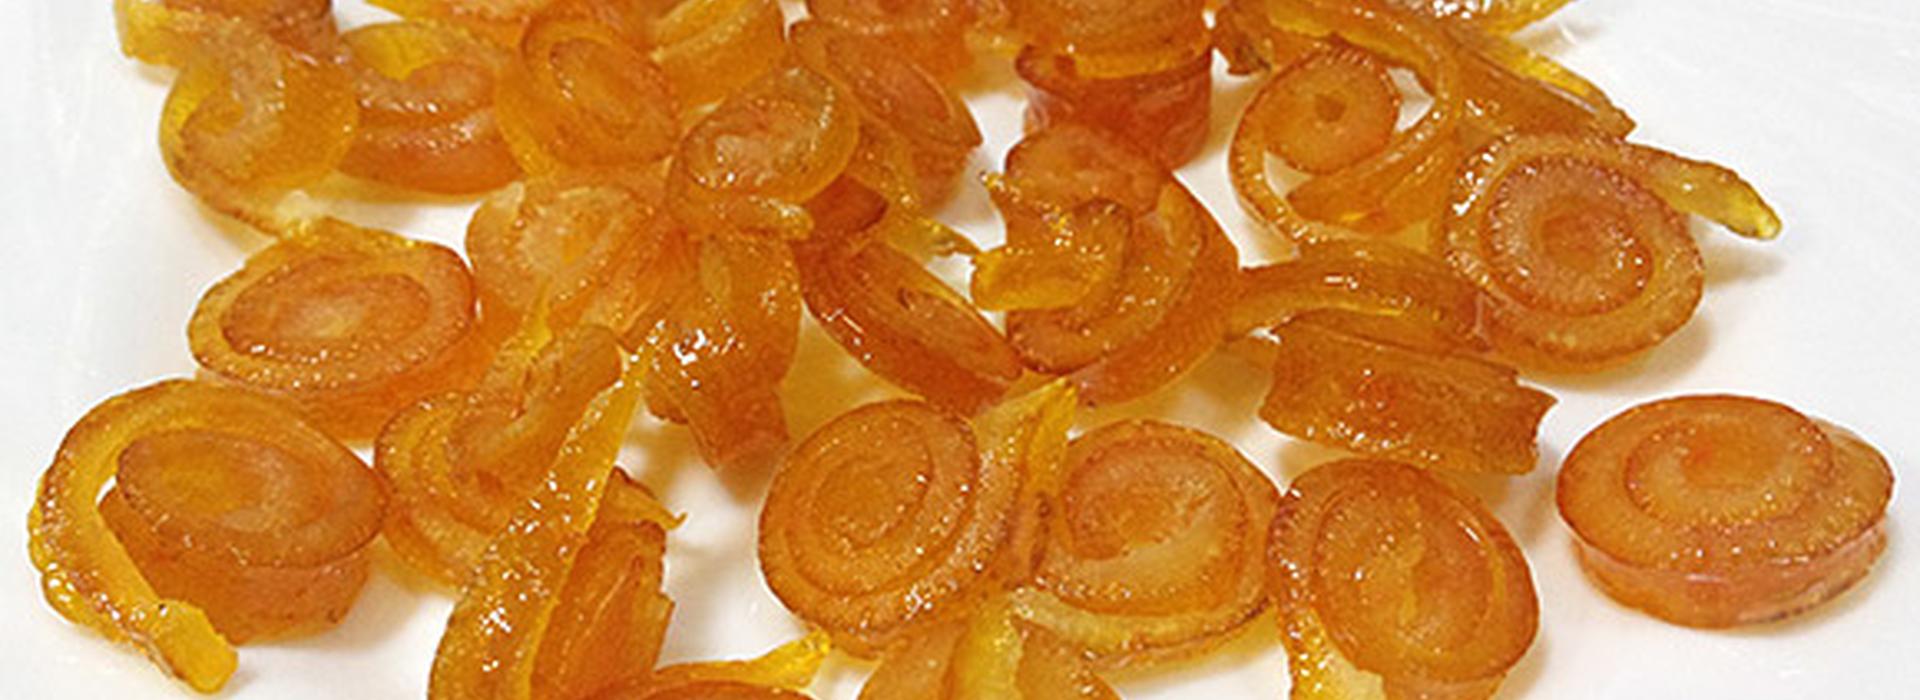 Апельсиновые цукаты- рецепты из плодов и корок